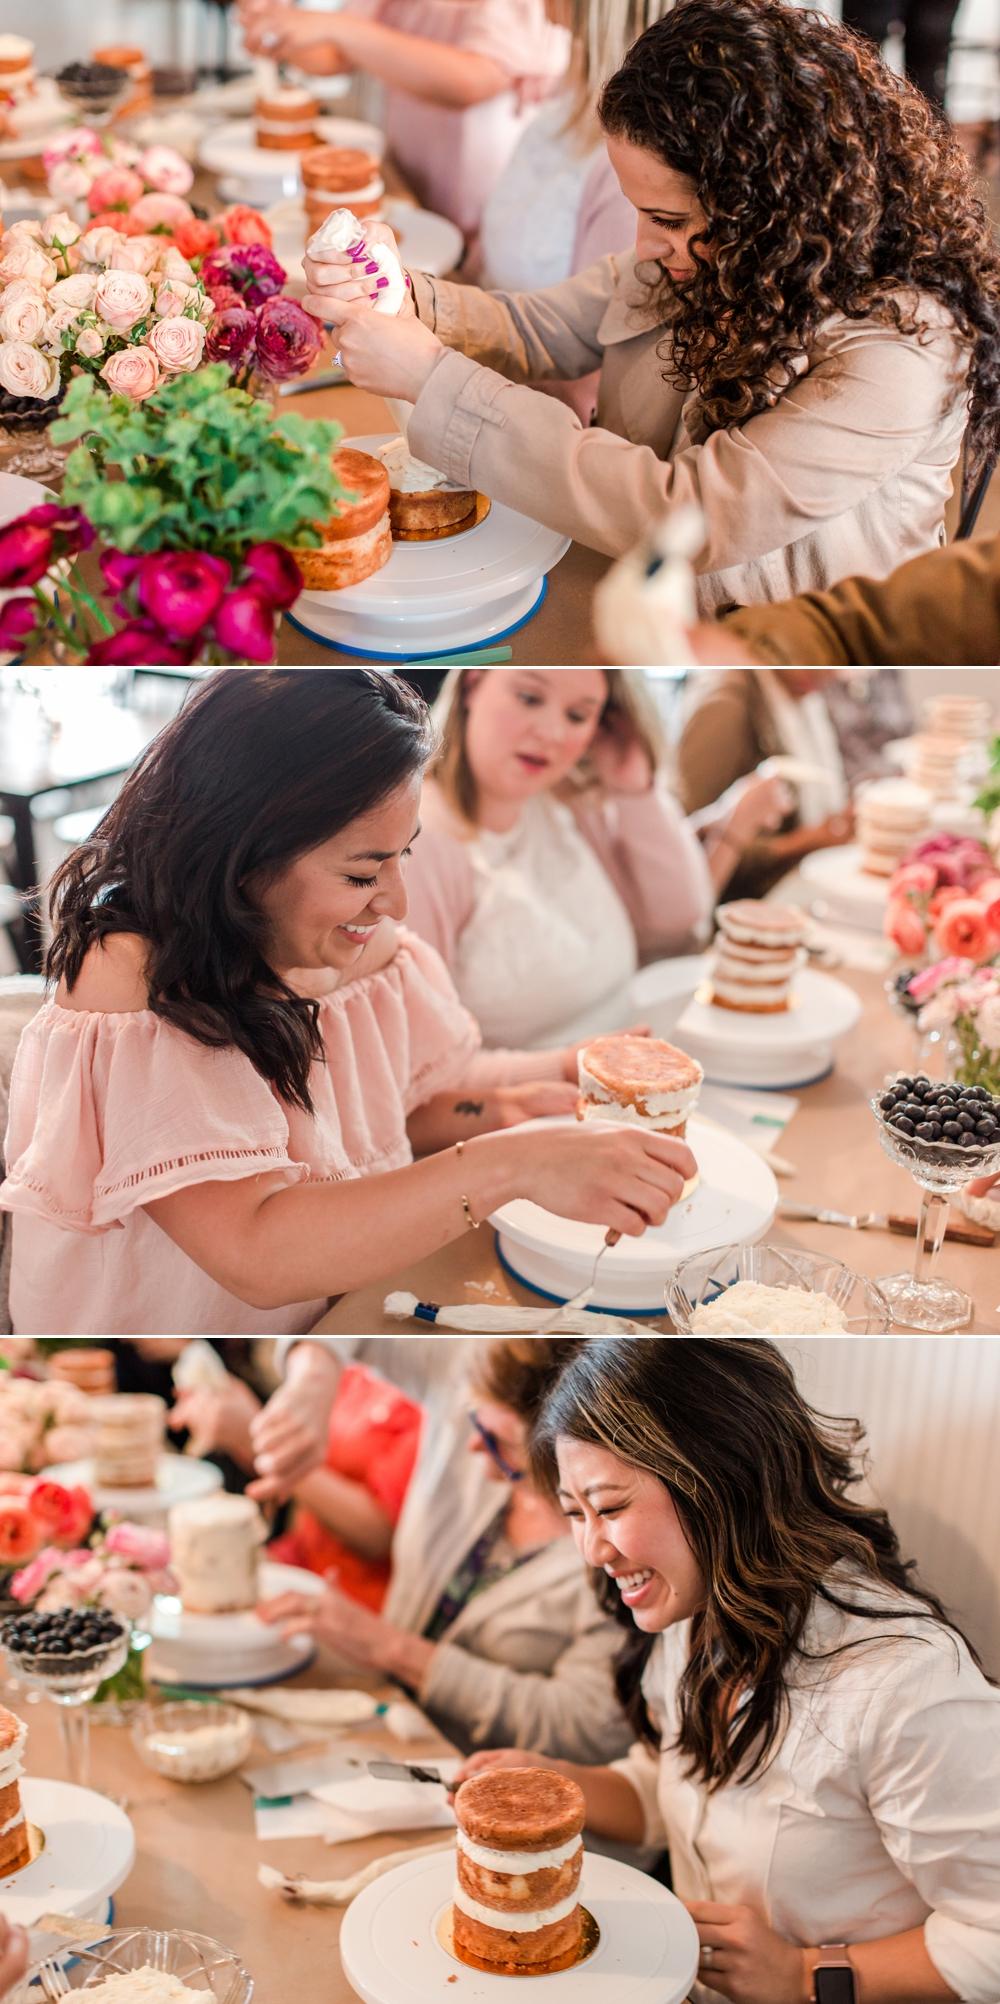 cake-decorating-workshop-floral-and-design 17.jpg